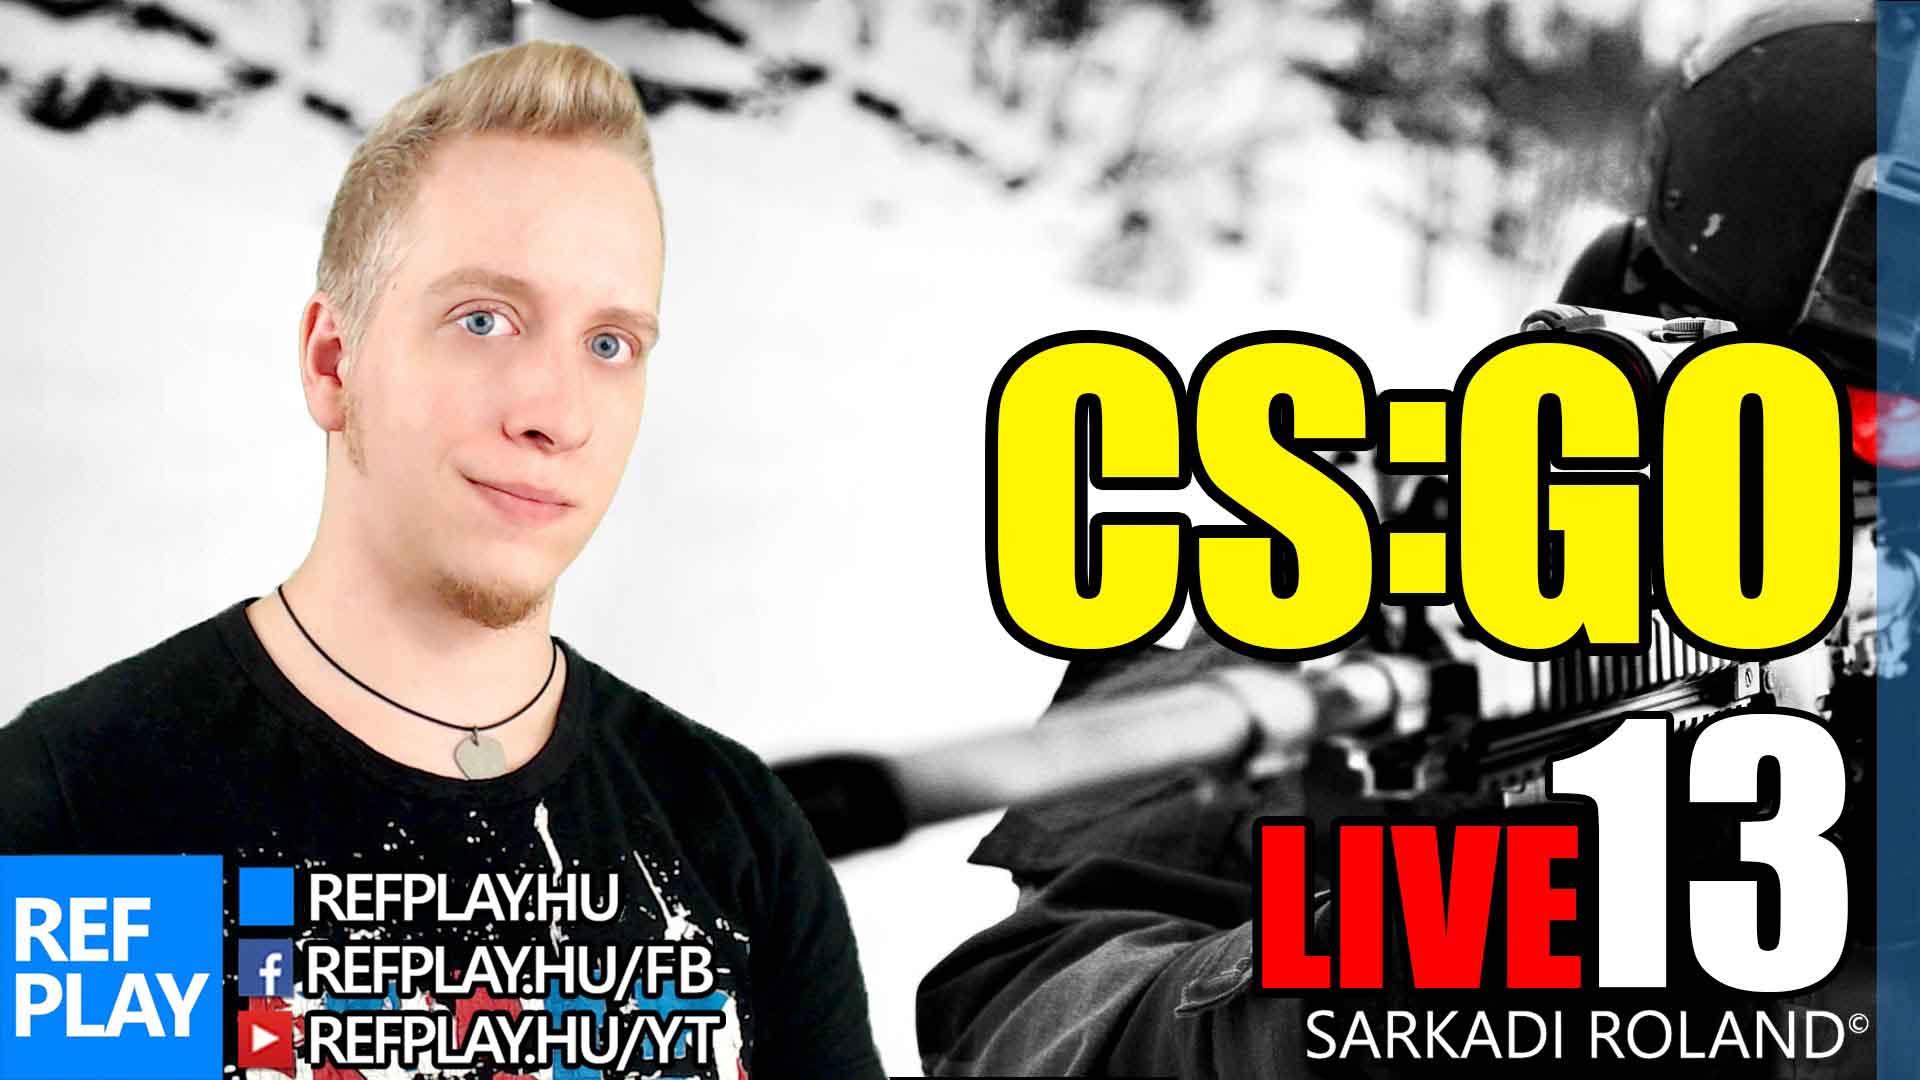 B*SZOTT NAGY meglepit kaptok! | CS:GO #13 | Magyar gameplay | REFPLAY